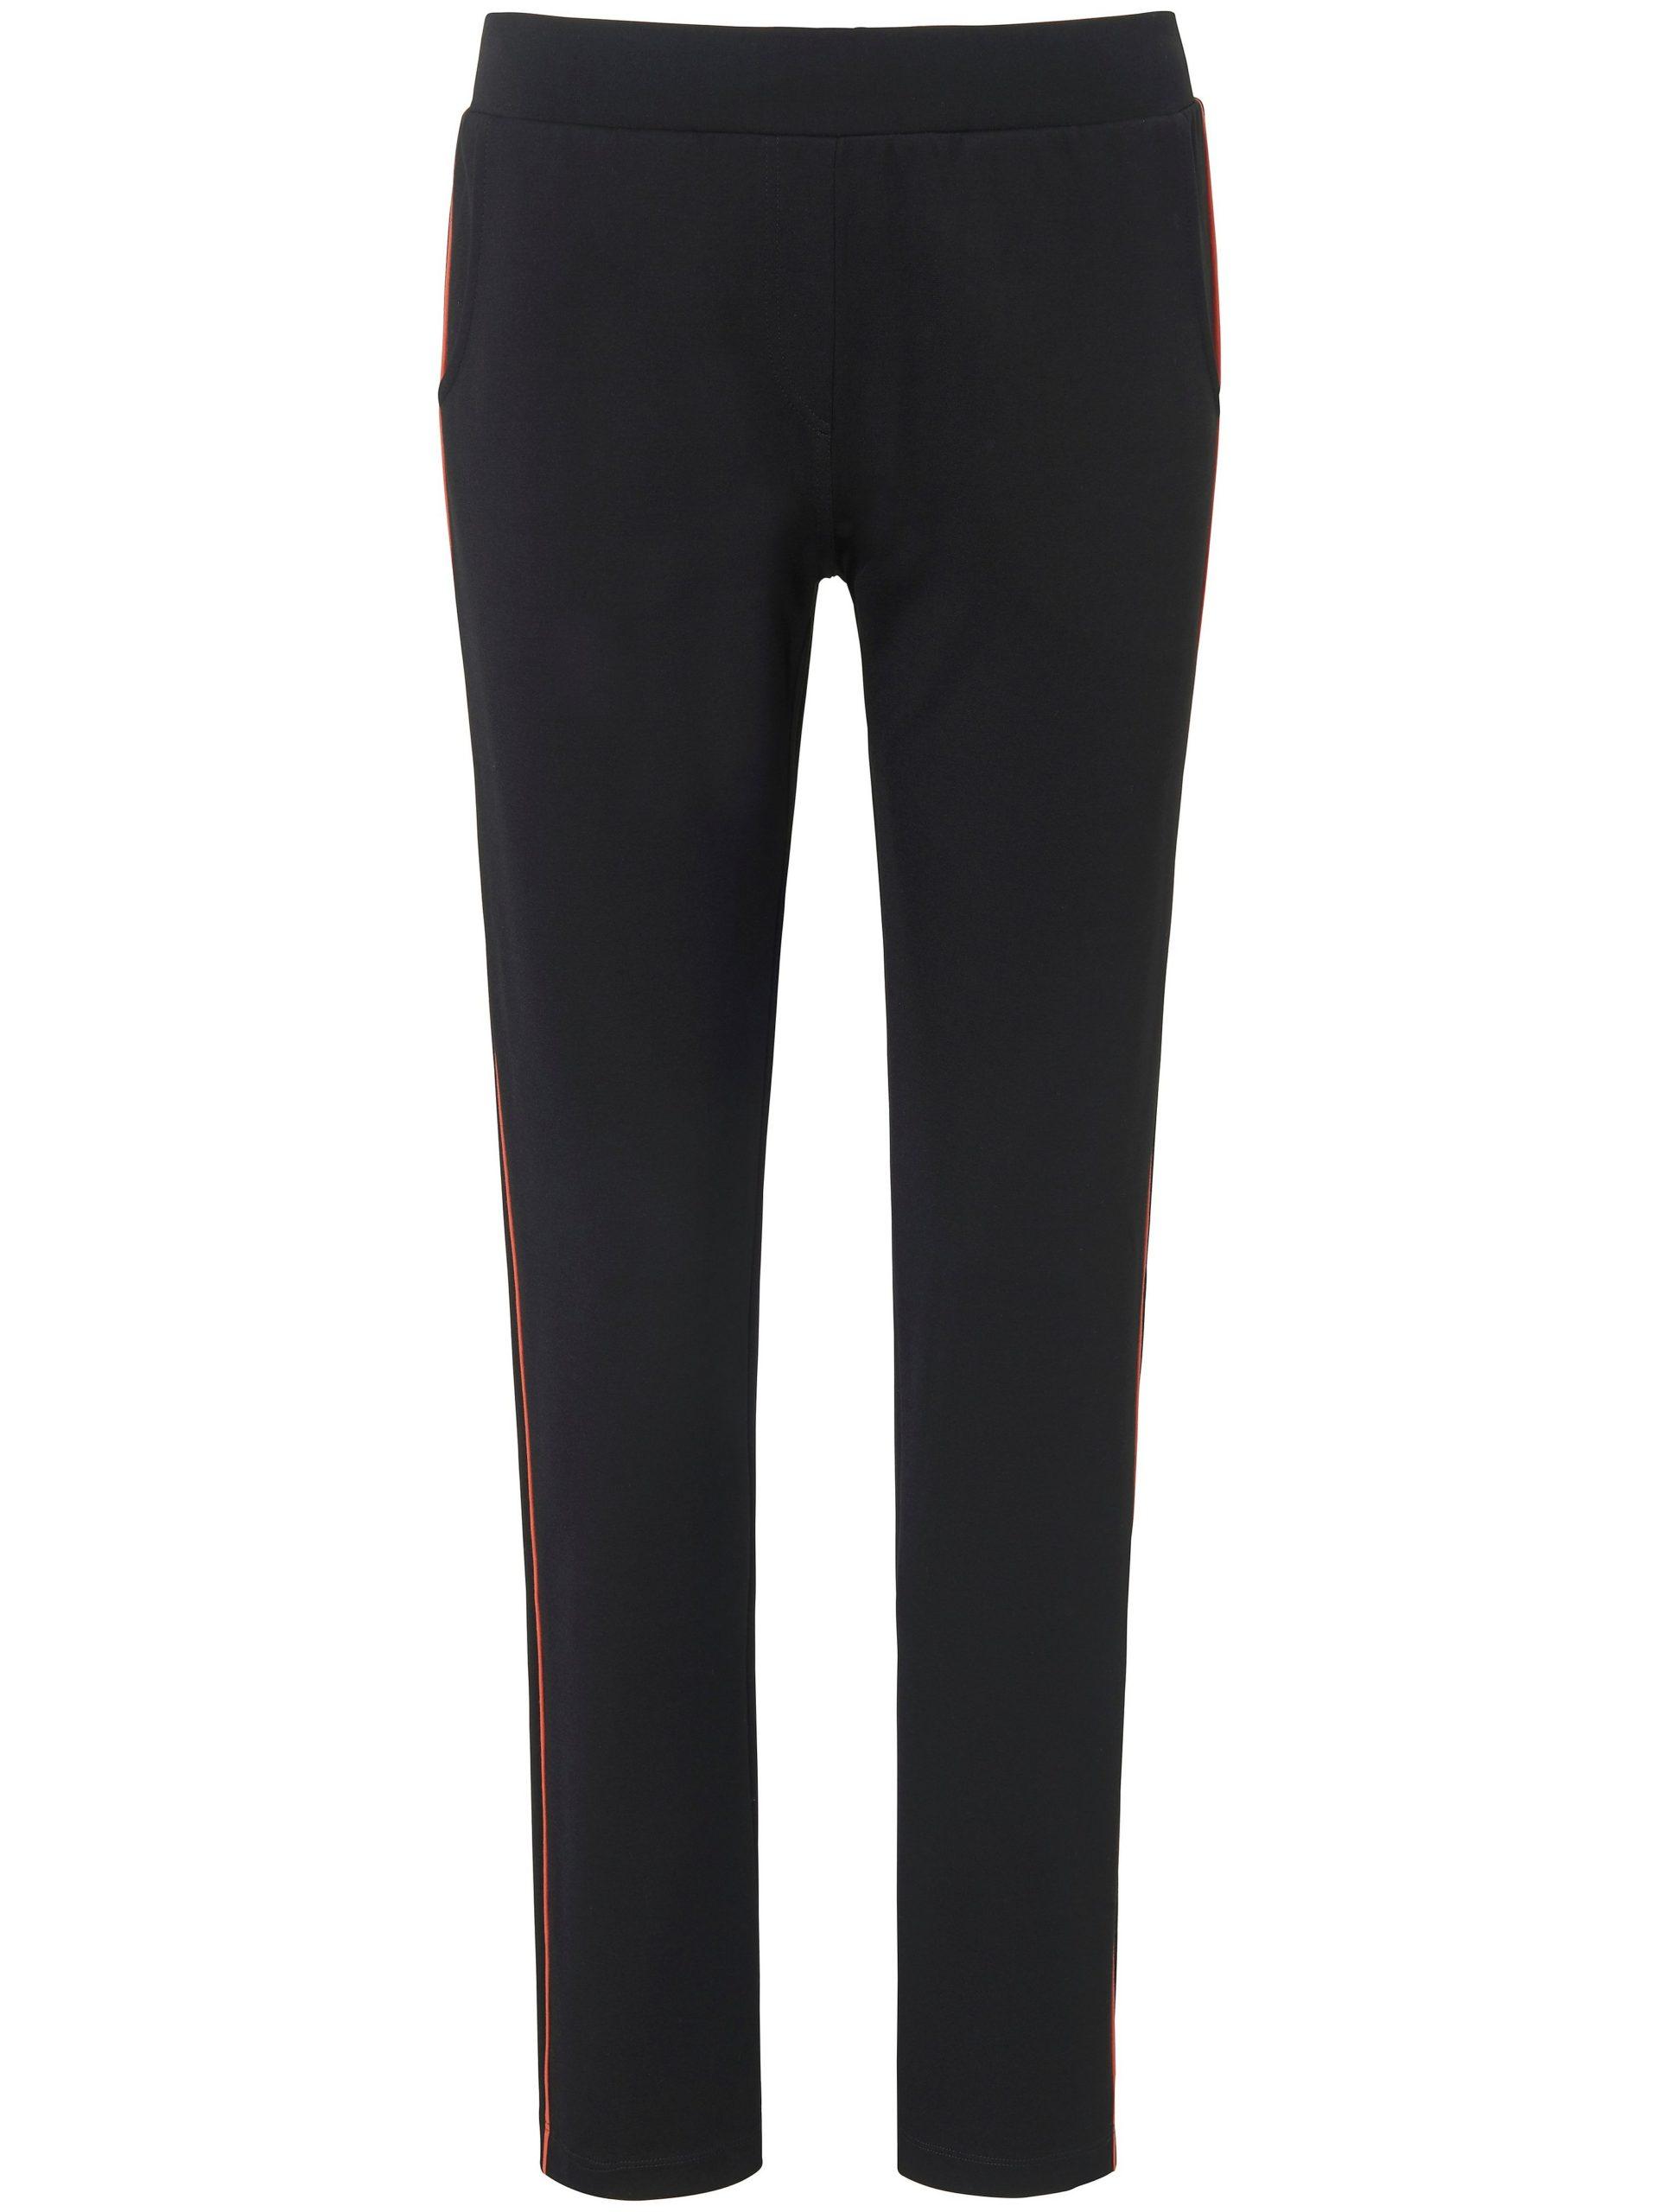 Broek met brede elastische band en rechte pijpen Van MYBC zwart Kopen